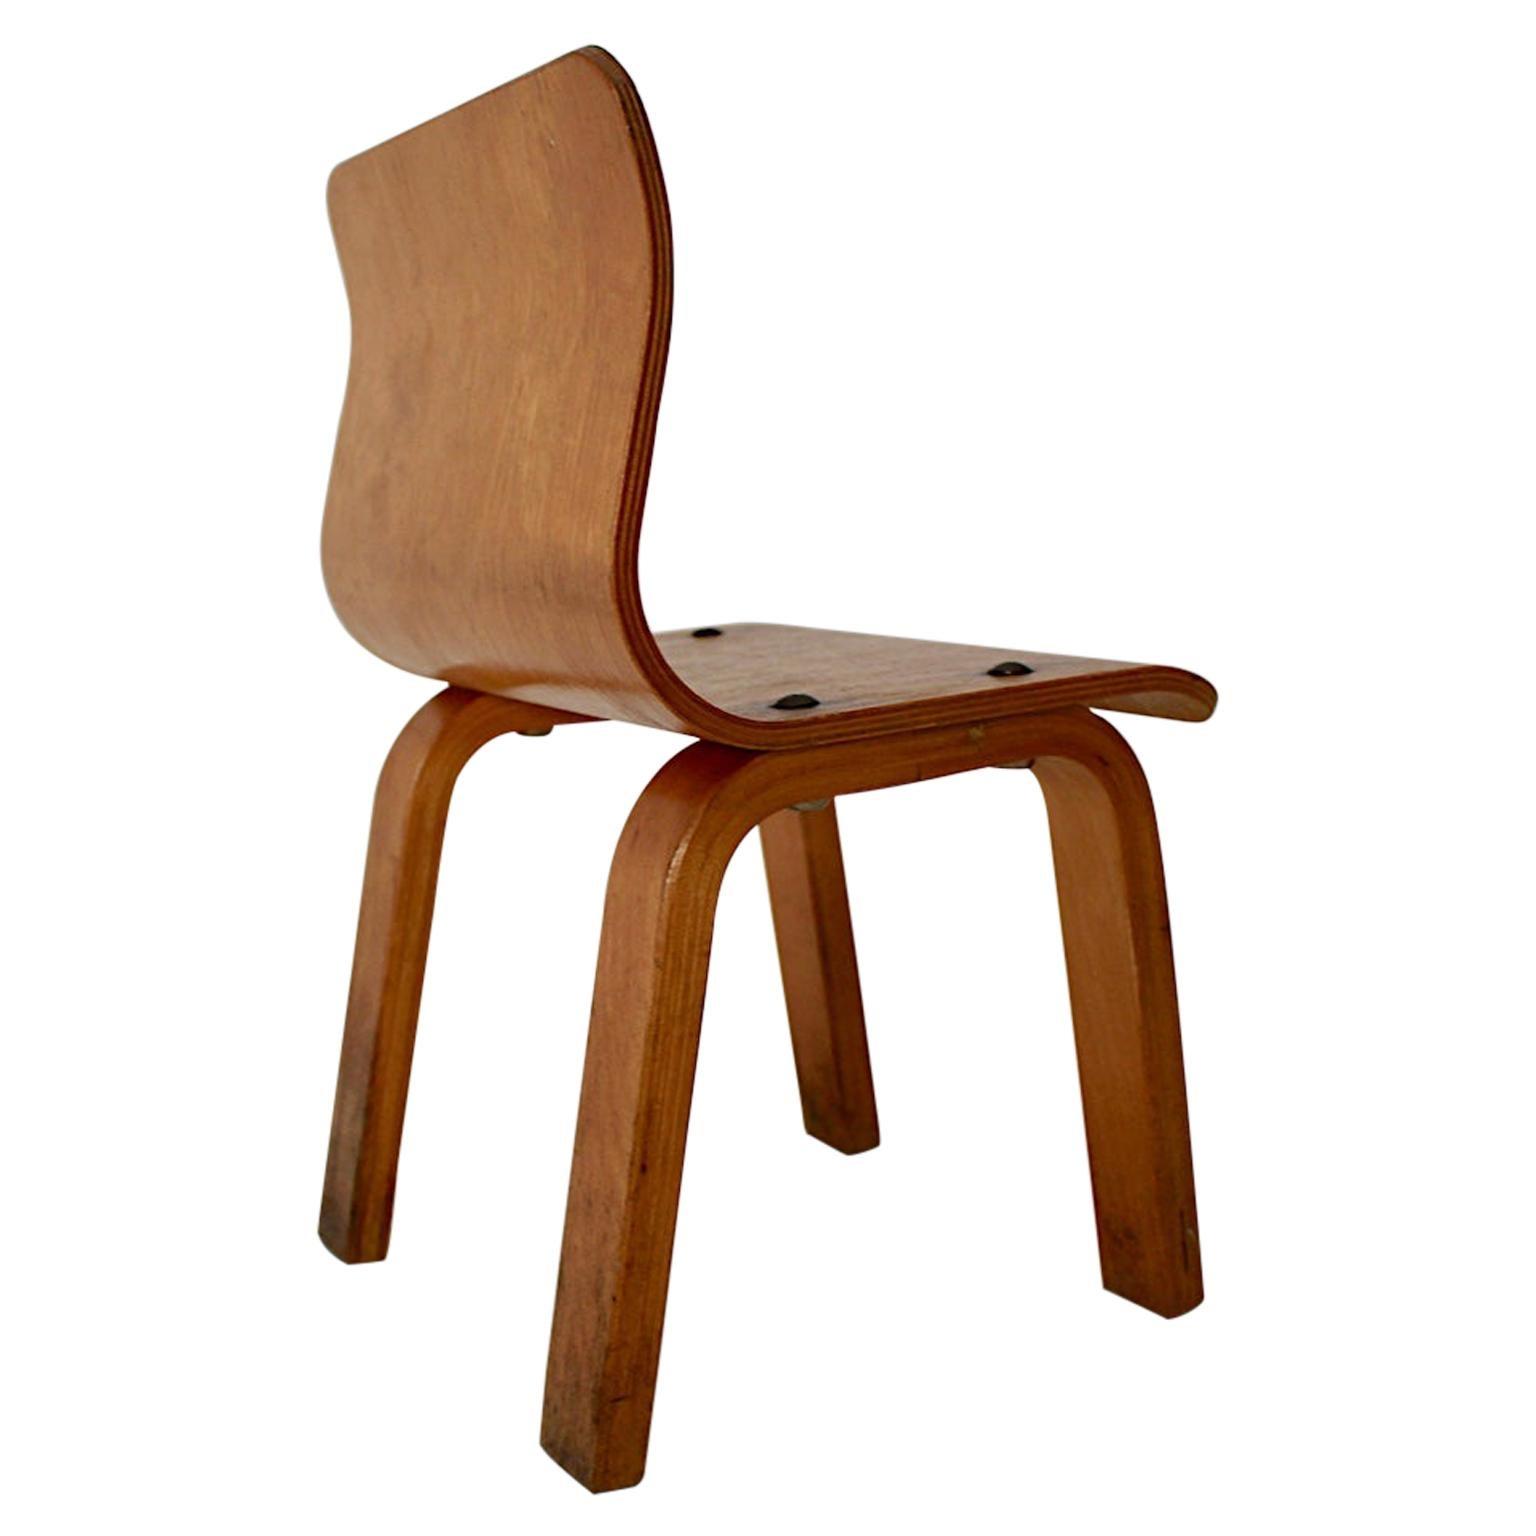 Scandinavian Modern Vintage Birch Plywood Children Chair, 1950s